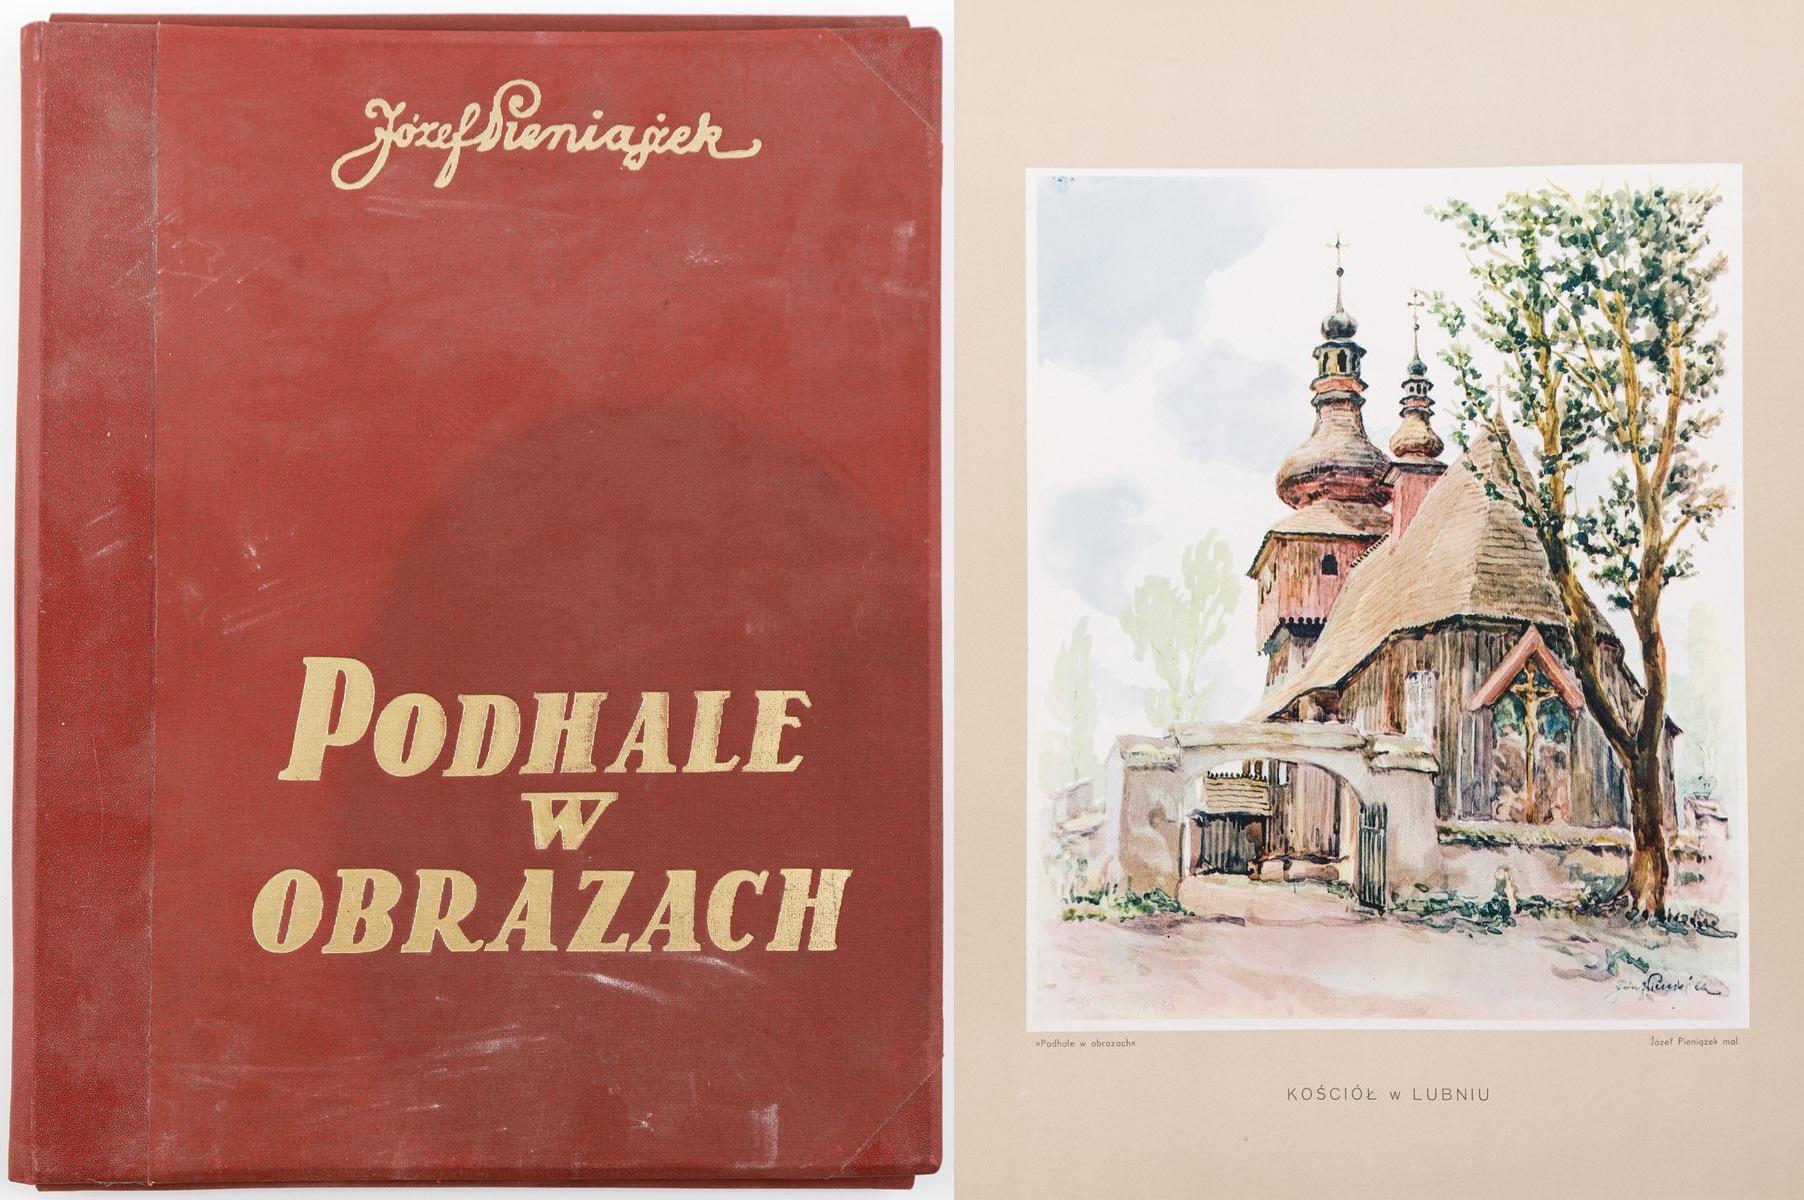 Teka, PODHALE W OBRAZACH, Lwów, 1937